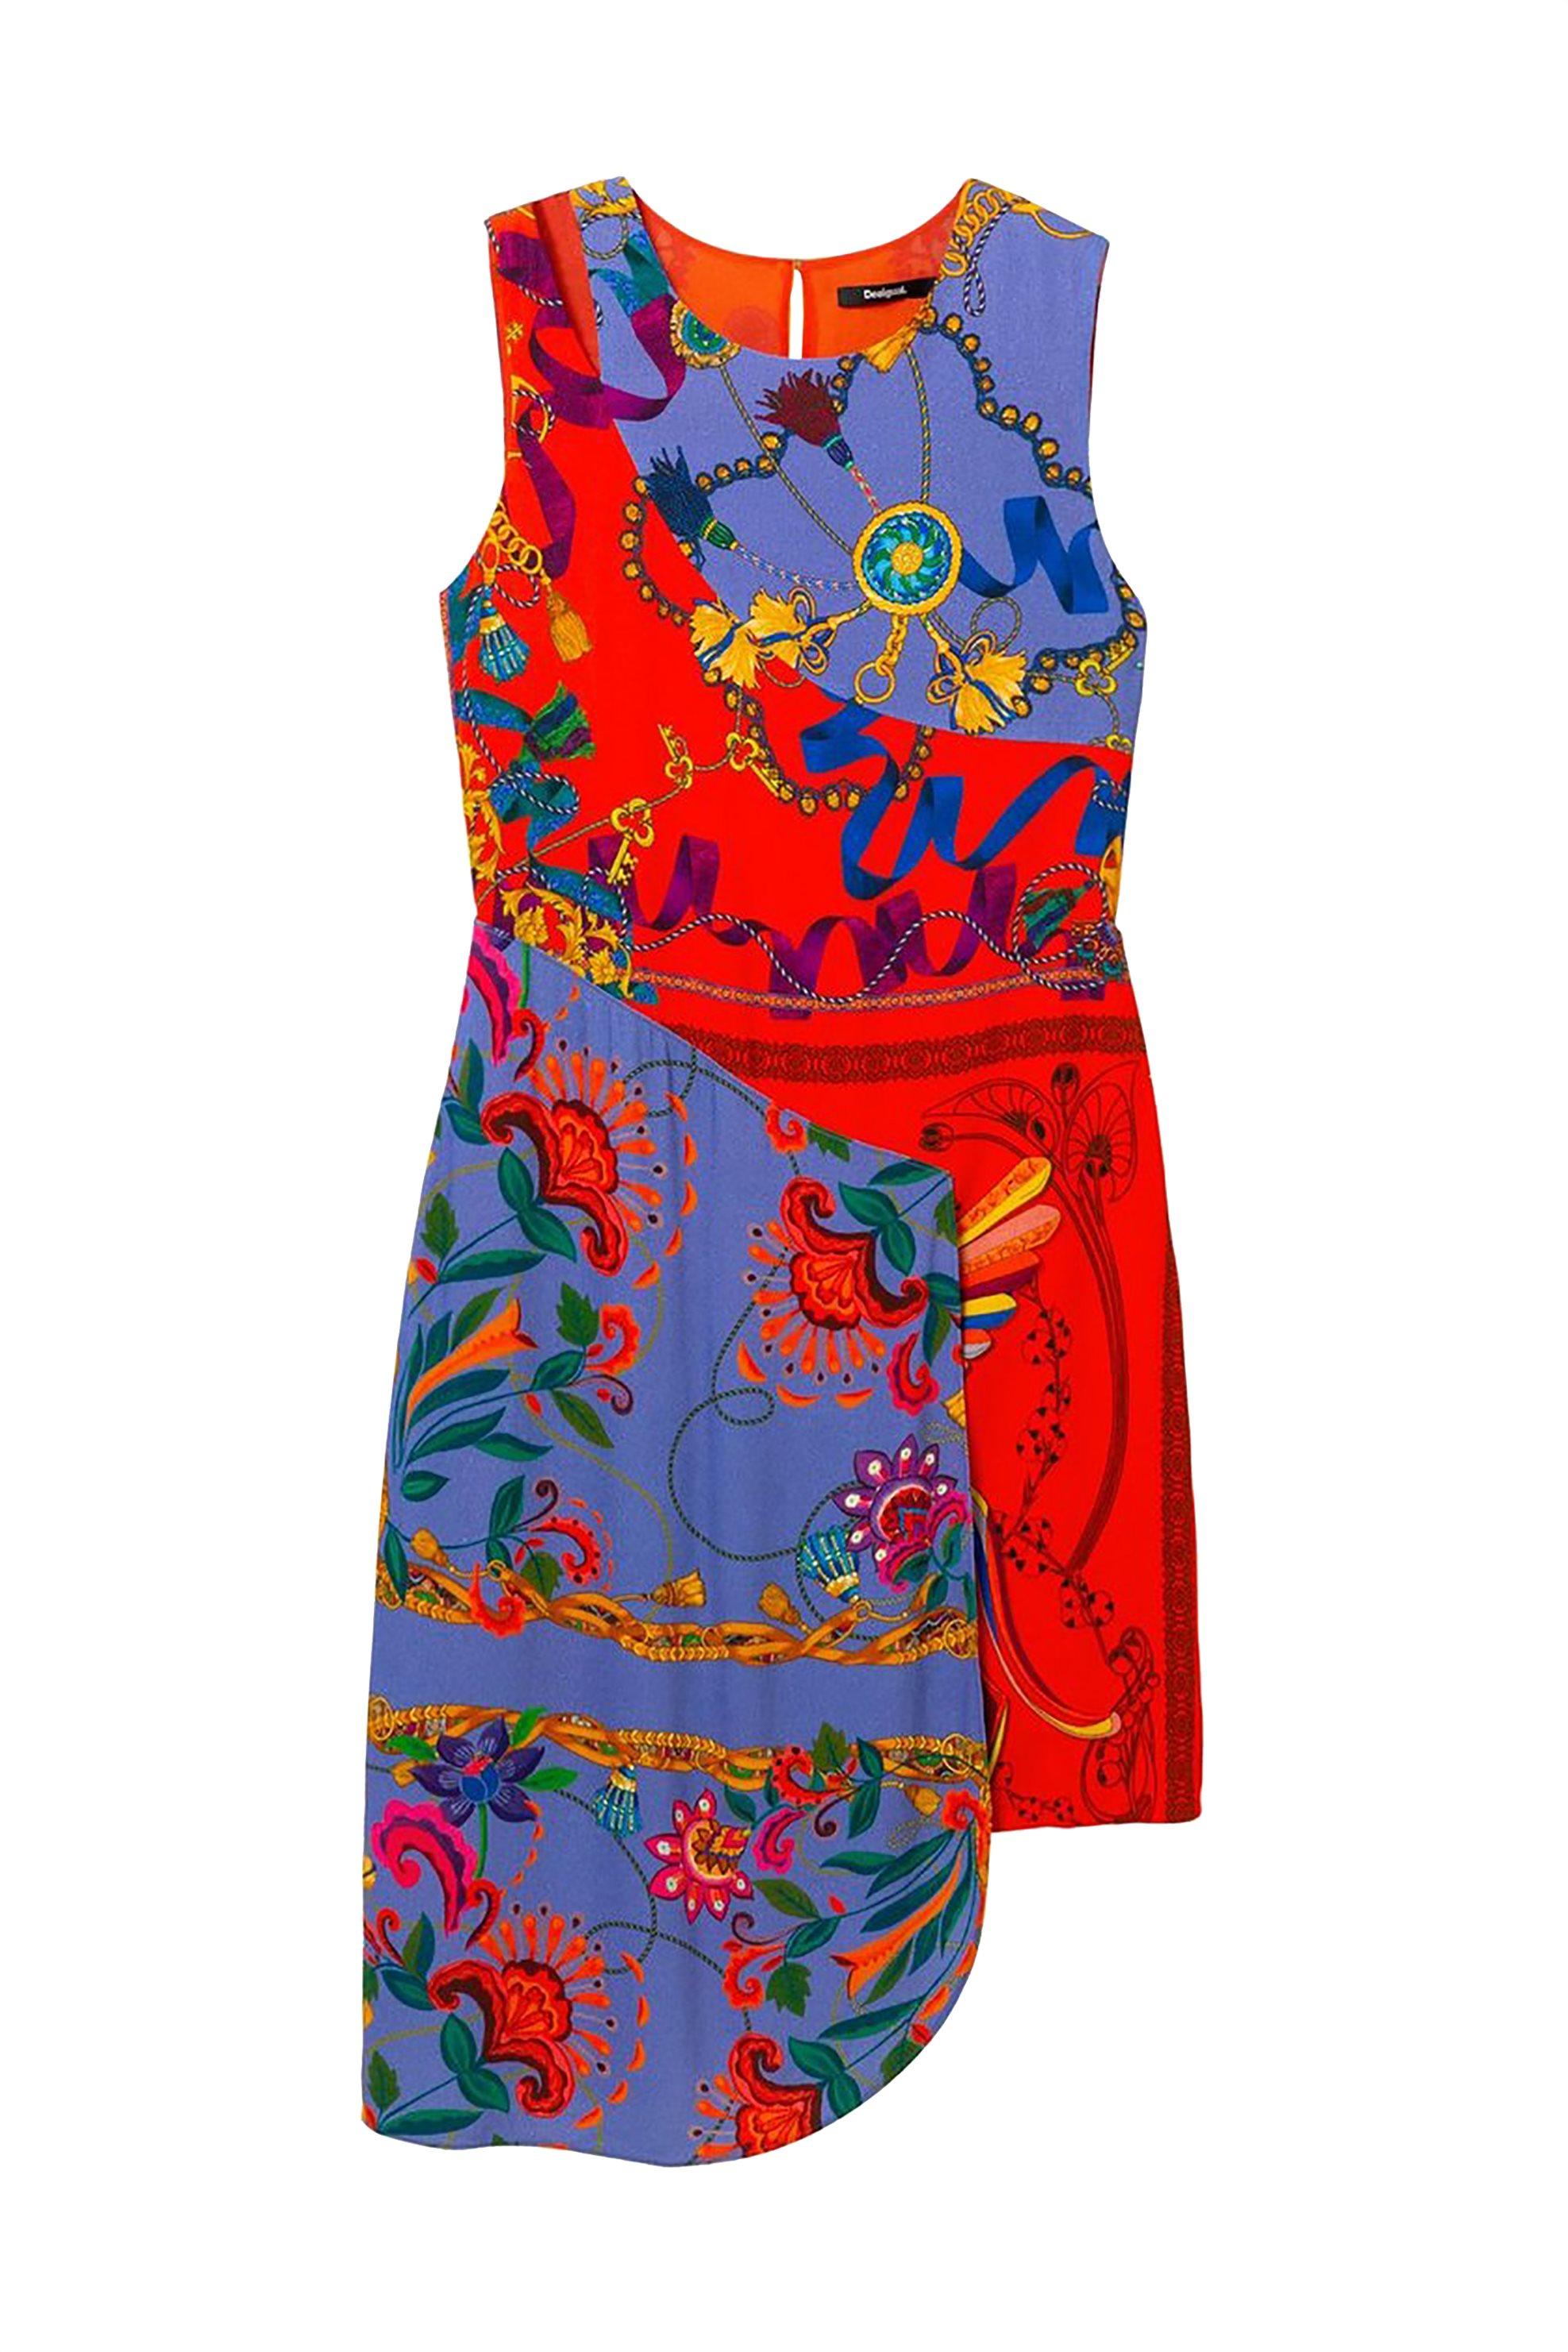 856ccab889f4 Notos Desigual γυναικείo ασύμμετρο φόρεμα Τiwa - 19SWVWBL - Κόκκινο